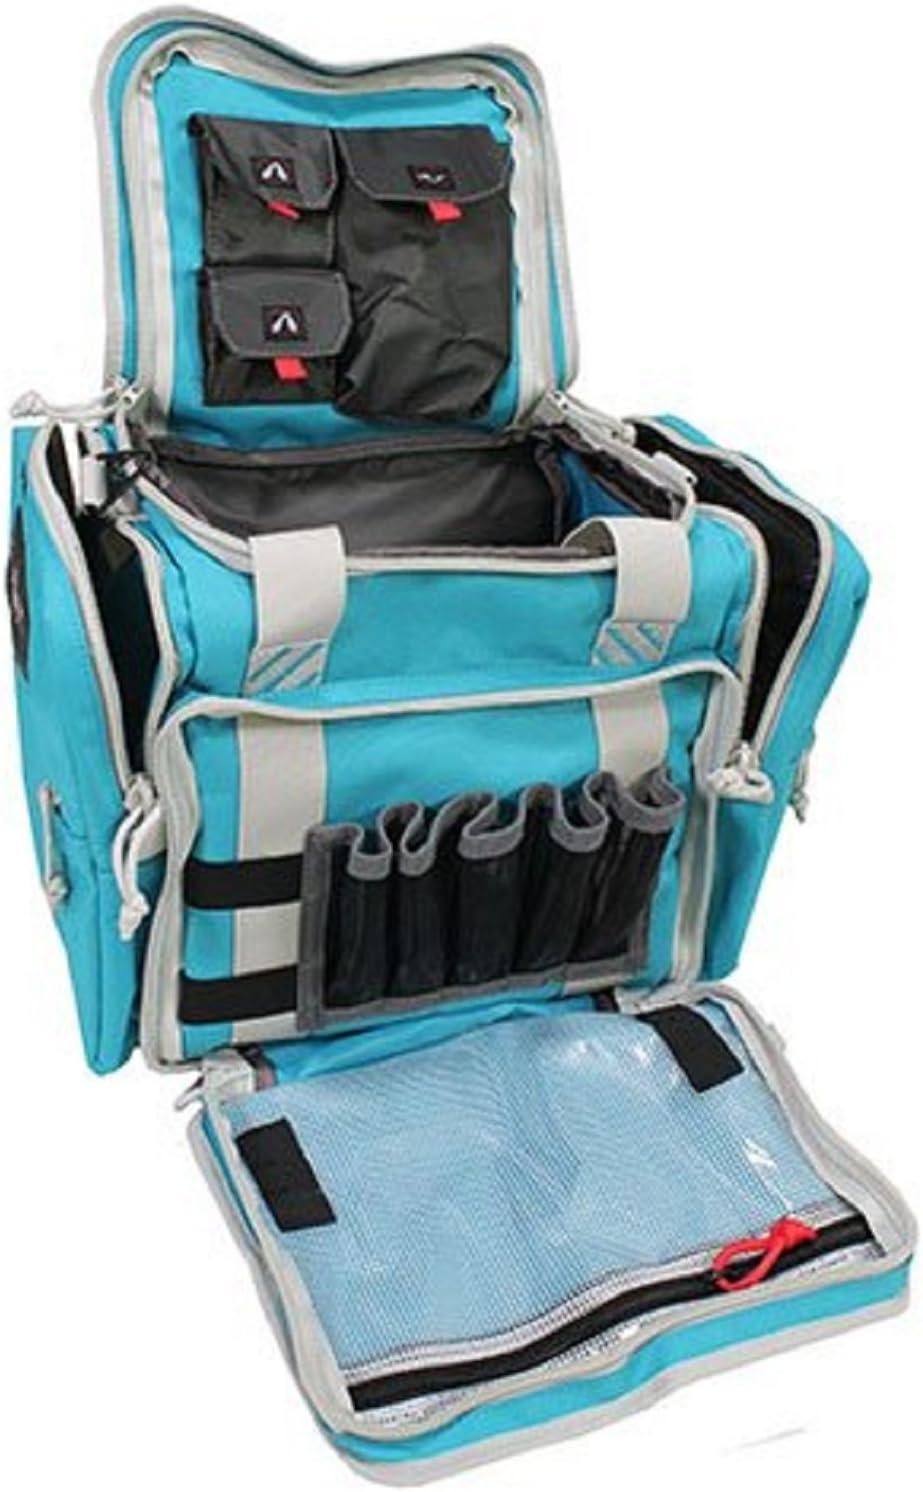 G5 Outdoors G.P.S. Medium Range Bag, Robin Egg Blue, One Size